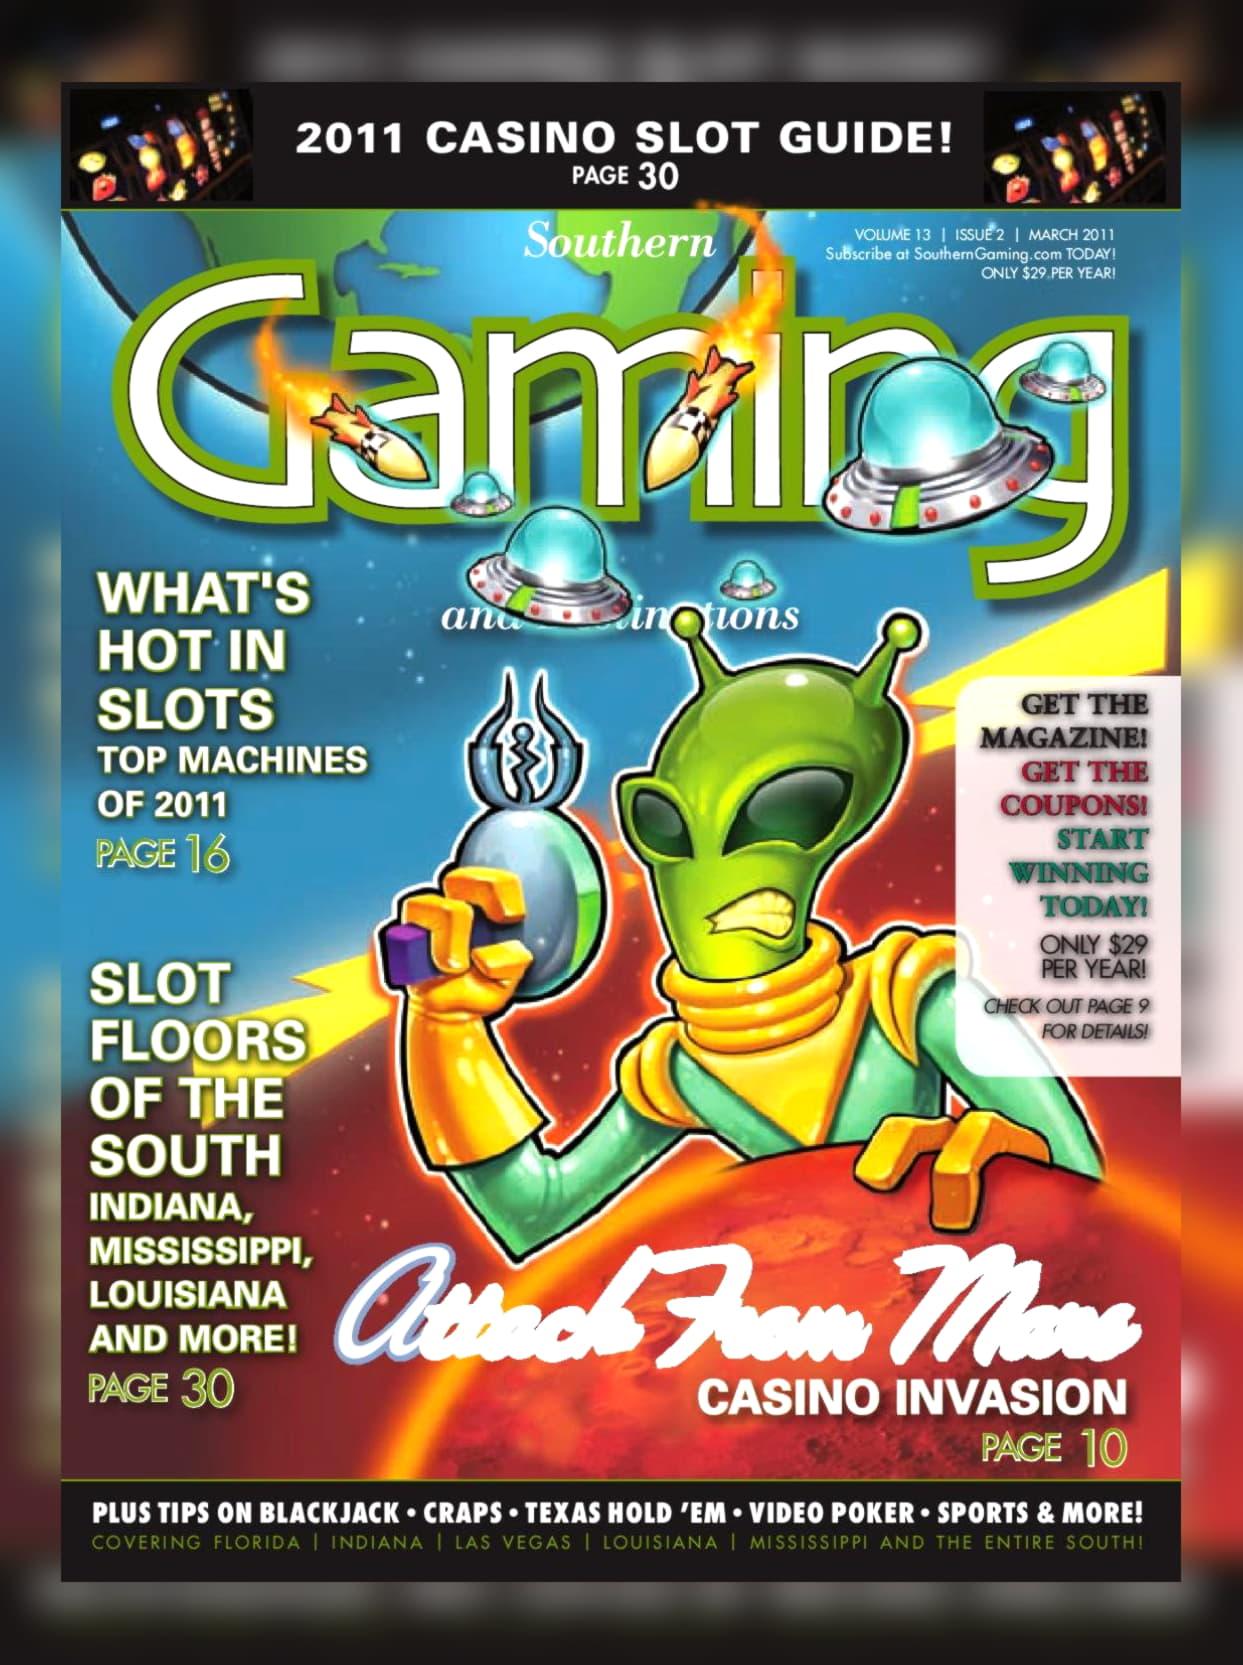 € 2895 ไม่มีรหัสเงินฝากที่ Treasure Island Jackpots Casino (กระจกเงินสด Sloto)